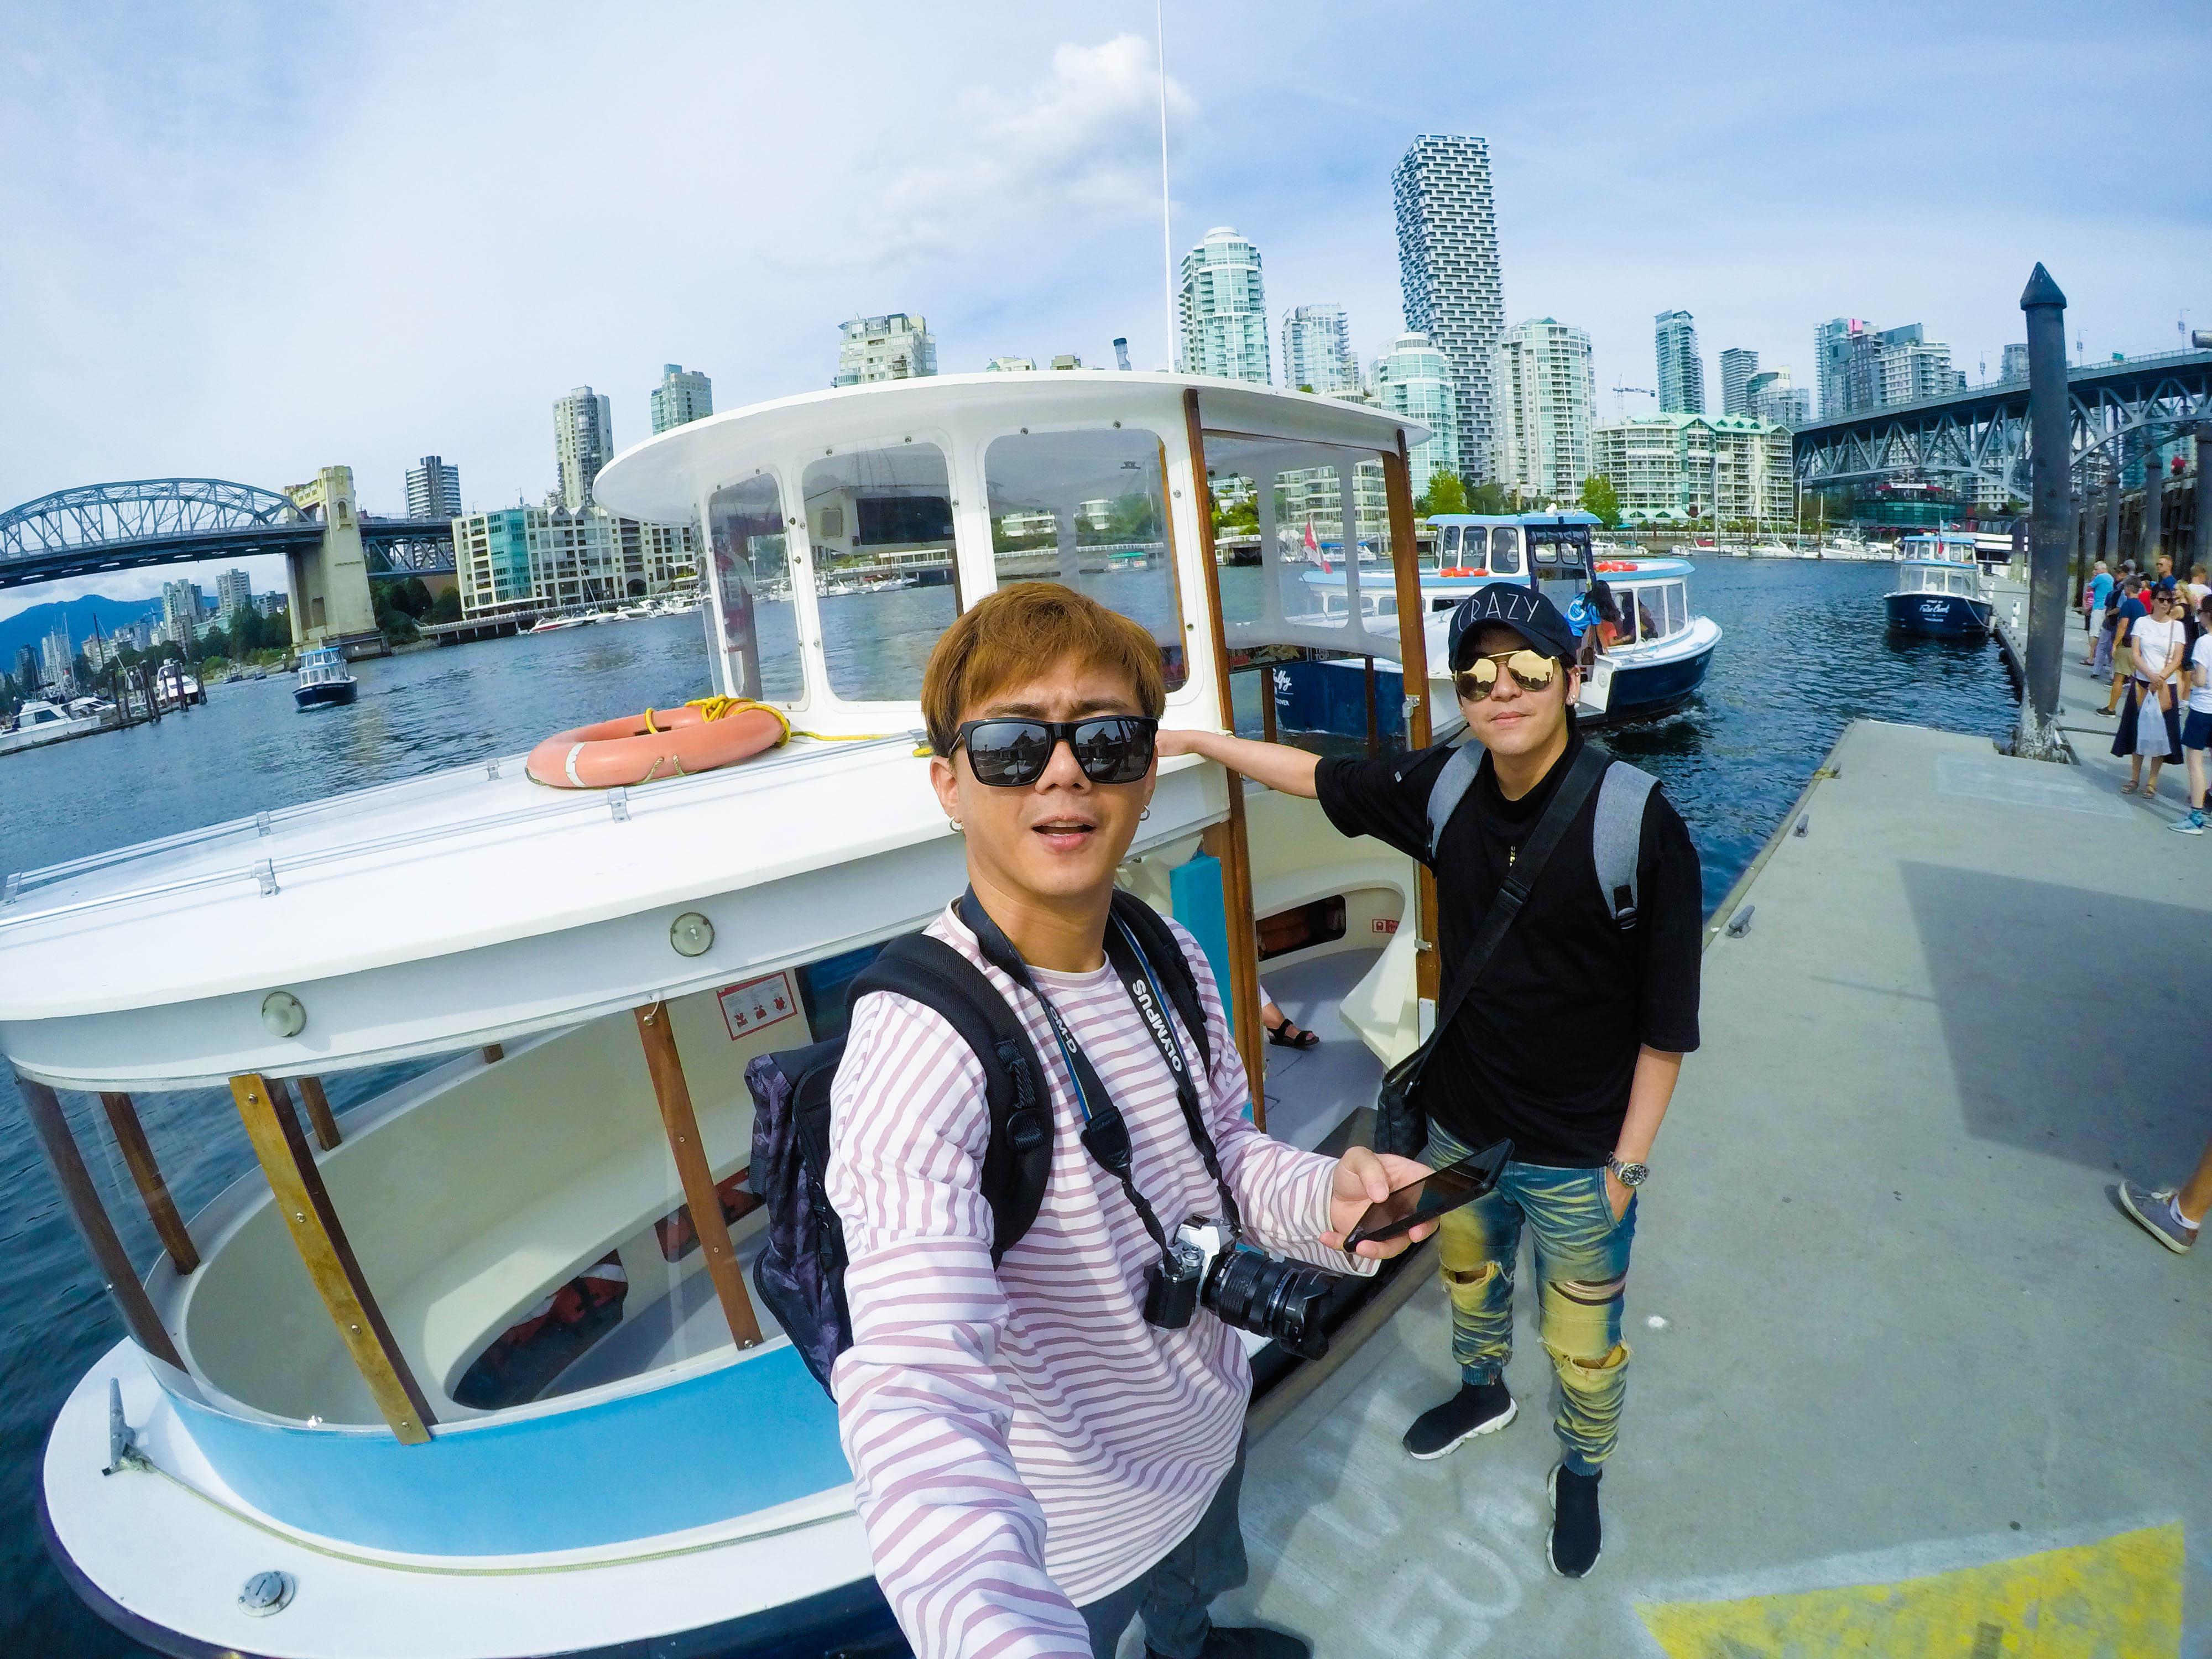 แวนคูเวอร์ (Vancouver ) เที่ยวแคนาดา ทัวร์แคนาดา